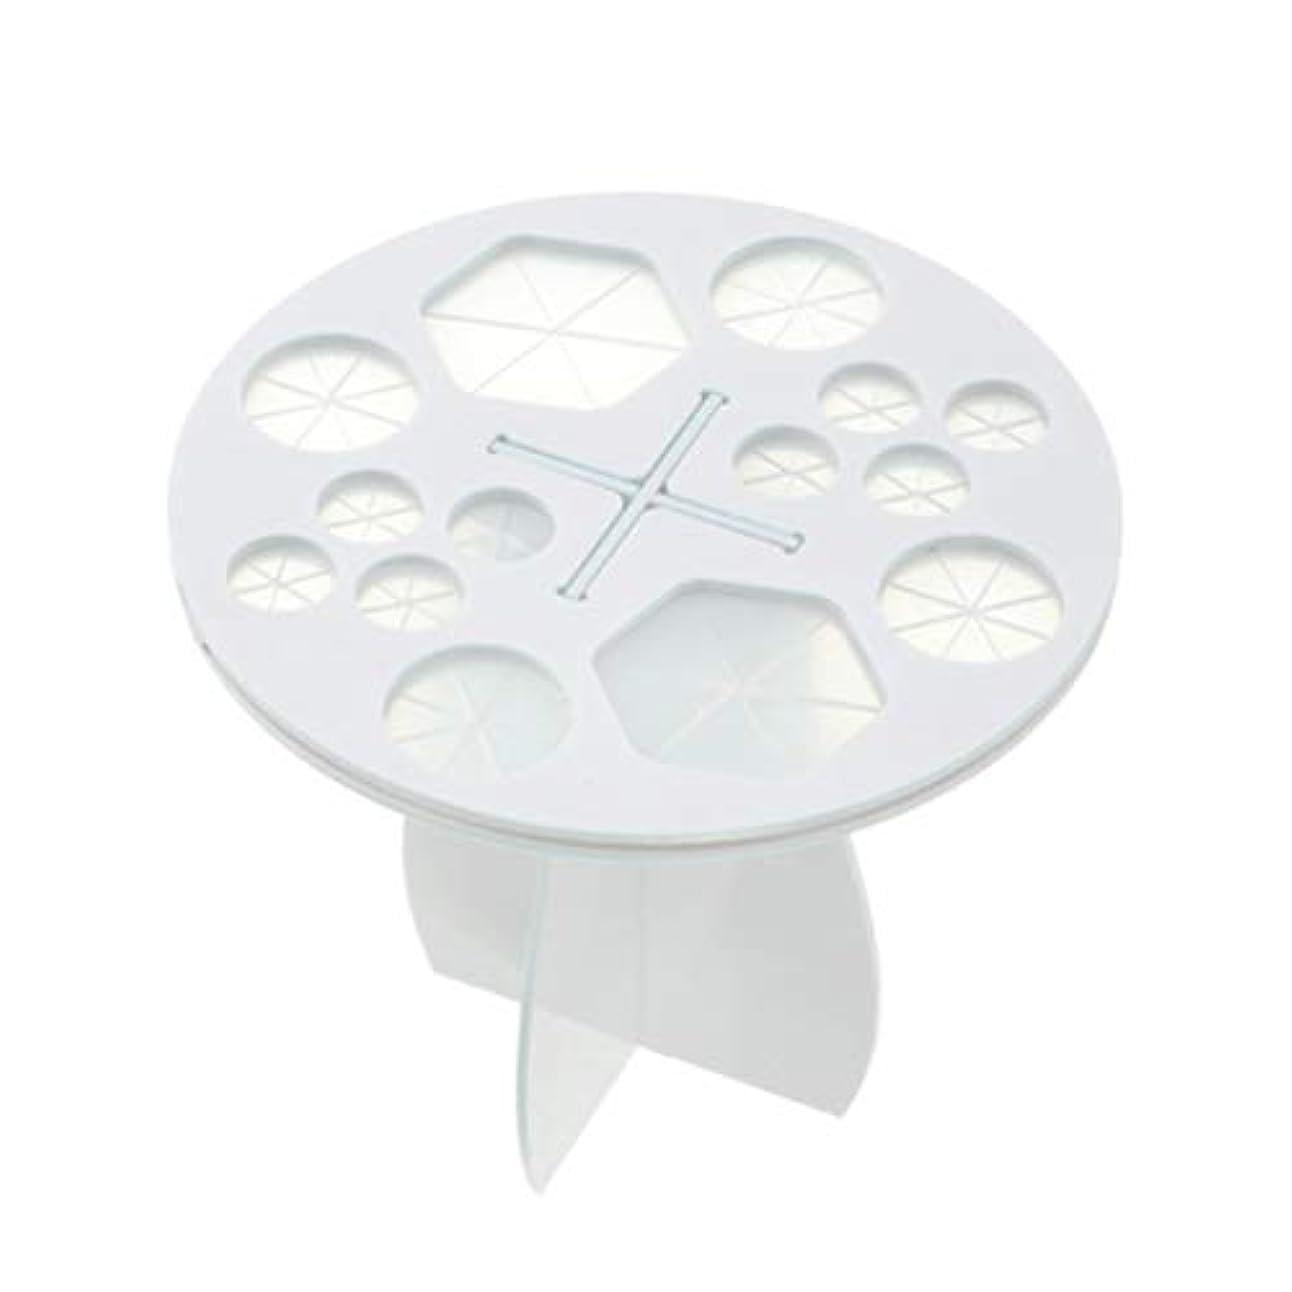 グラフ目覚める傾向がありますFrcolor メイクブラシホルダー 化粧ブラシスタンド 化粧ブラシ干しラック 化粧筆収納 組み立て可能 14本収納可能(ホワイト)